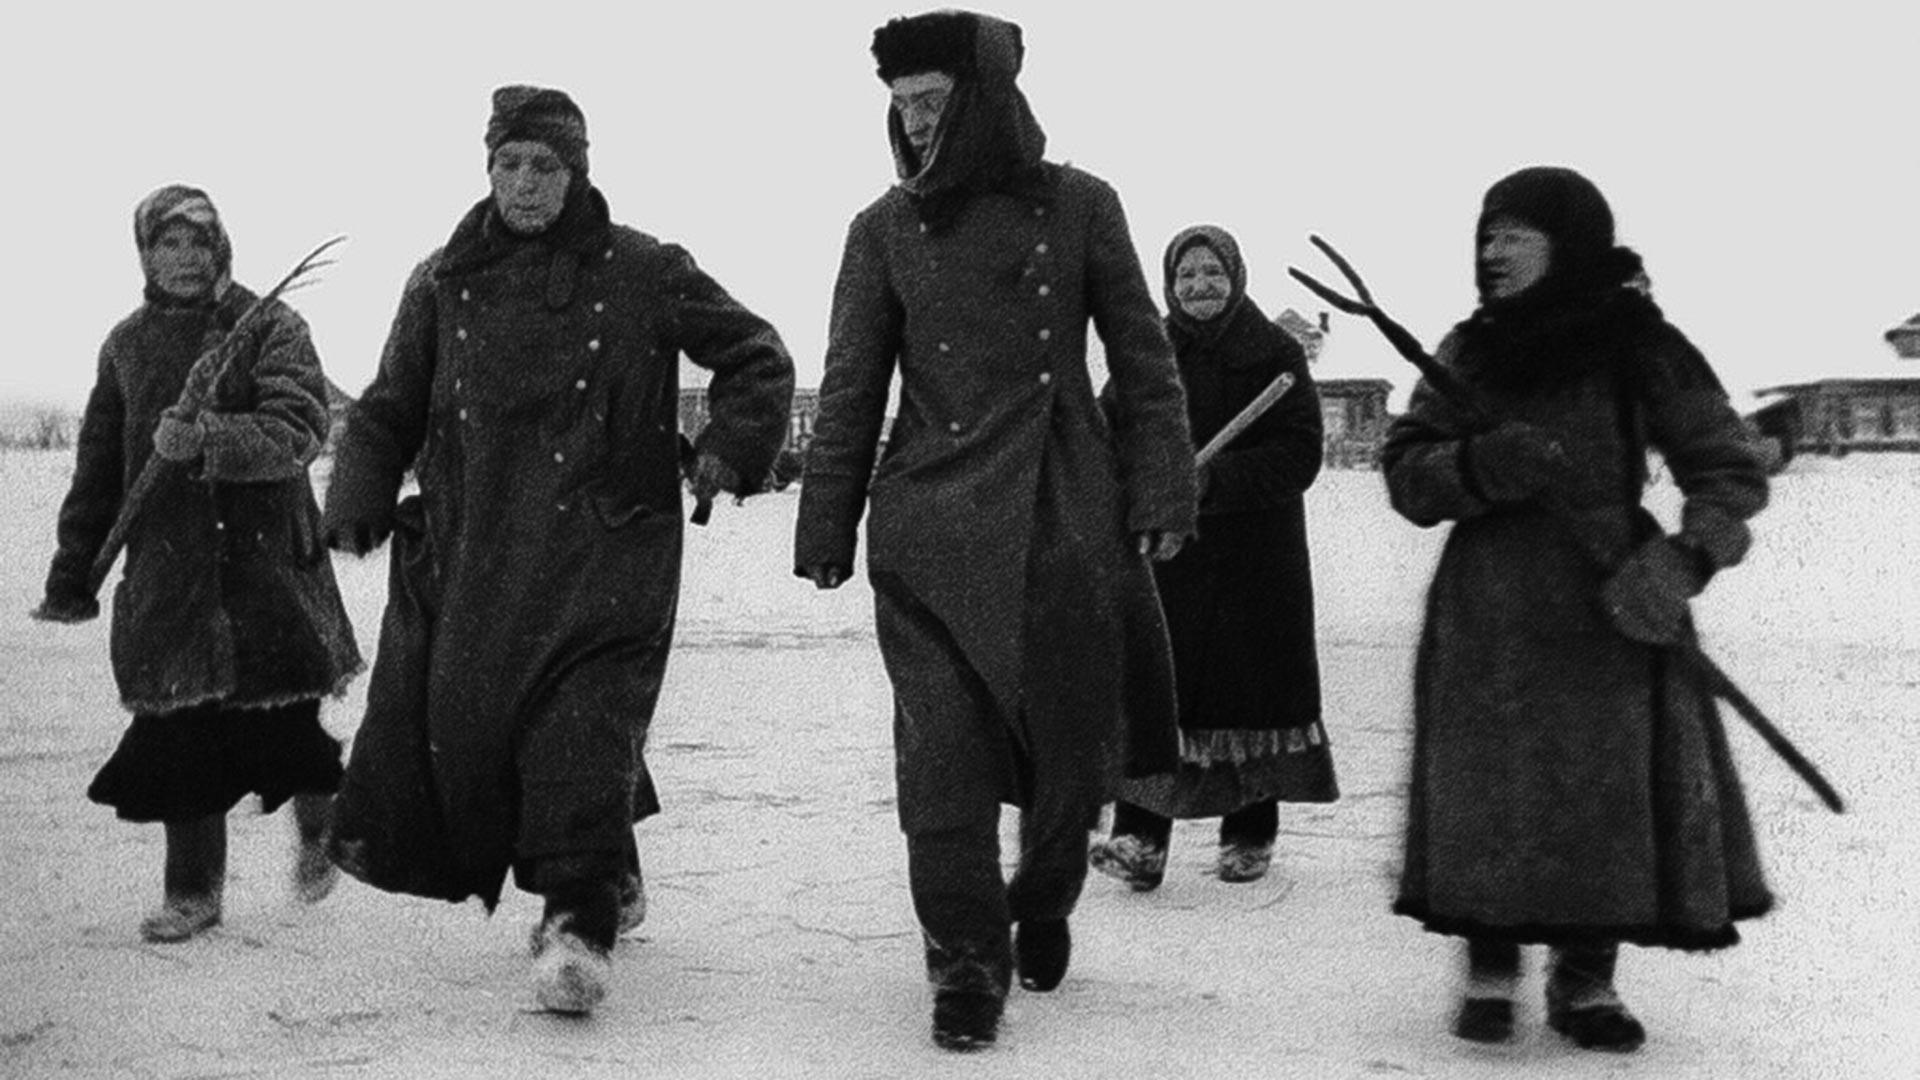 Жени во придружба на заробени фашисти. Германците беа столчени кај Москва.